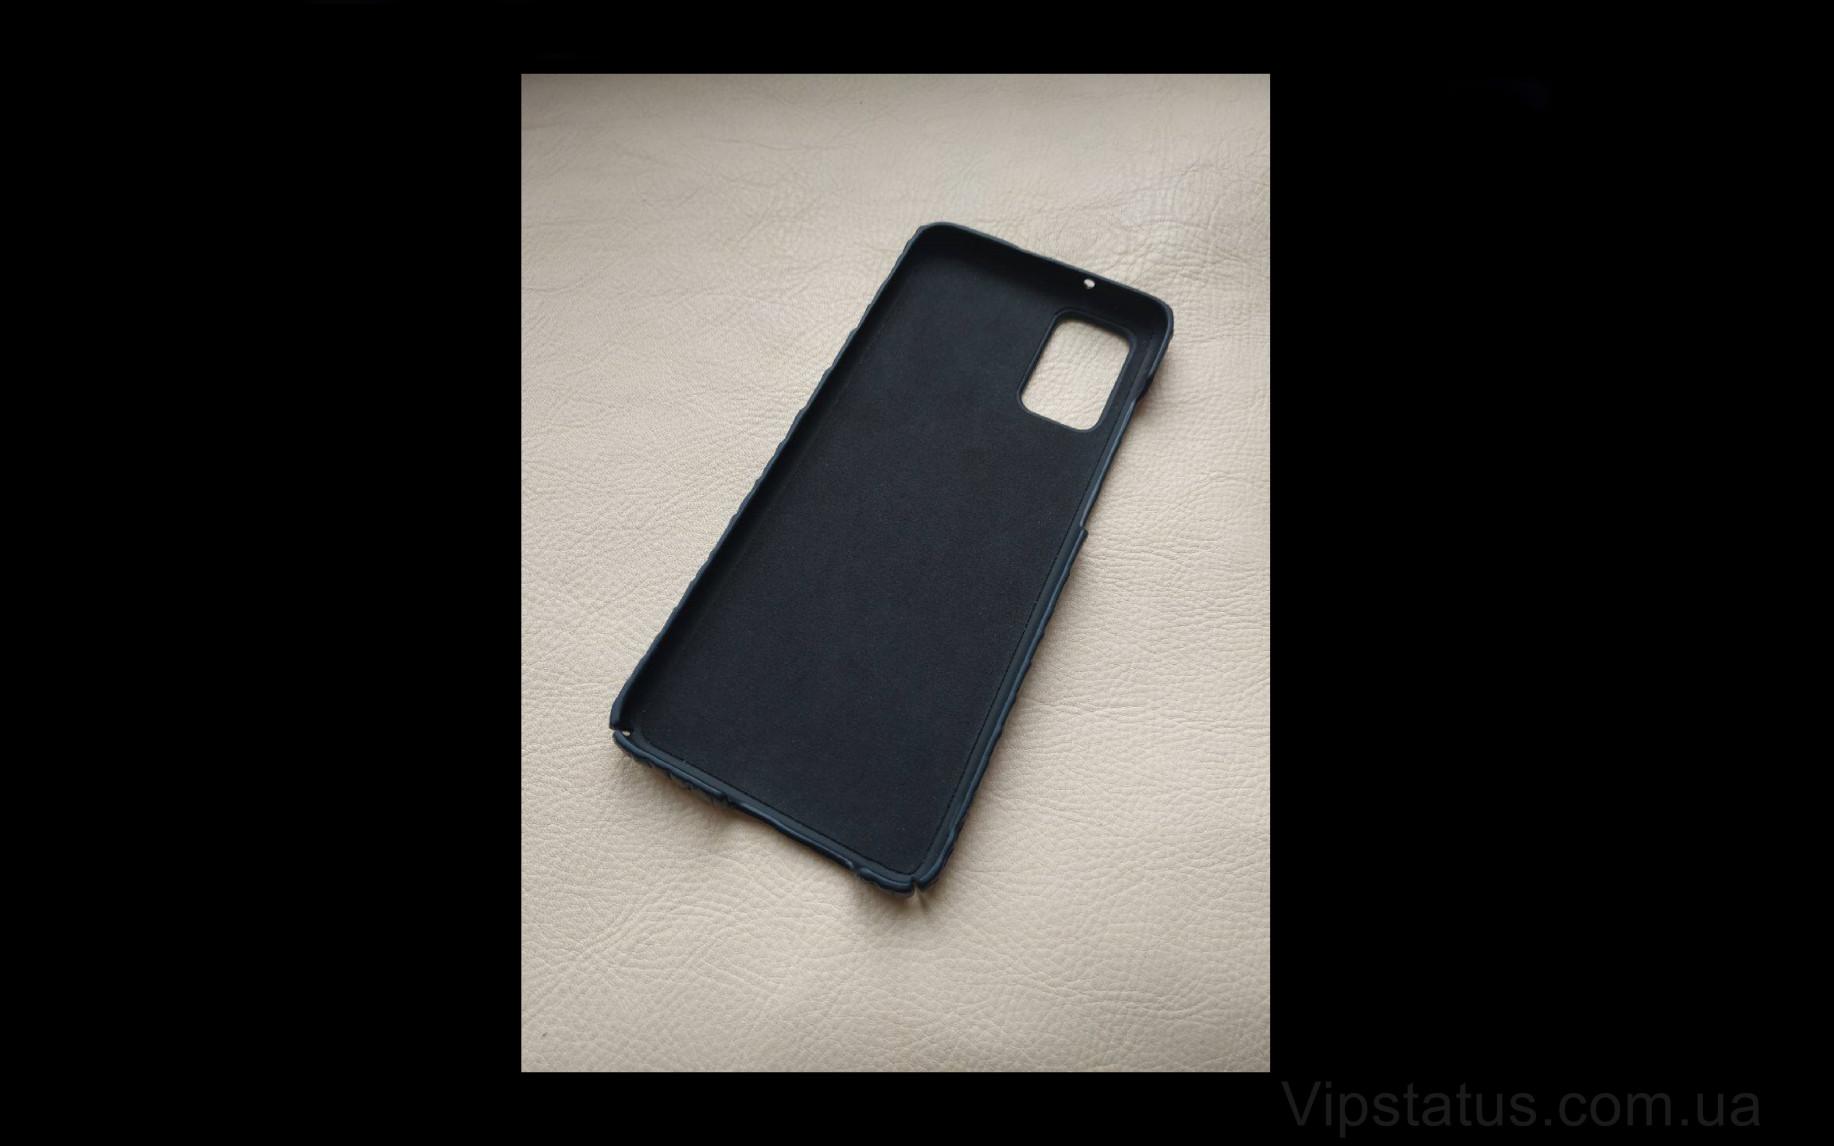 Elite Black Night Премиум чехол Samsung S20 S21 Plus кожа крокодила Black Night Premium case Samsung S20 S21 Plus Crocodile leather image 2